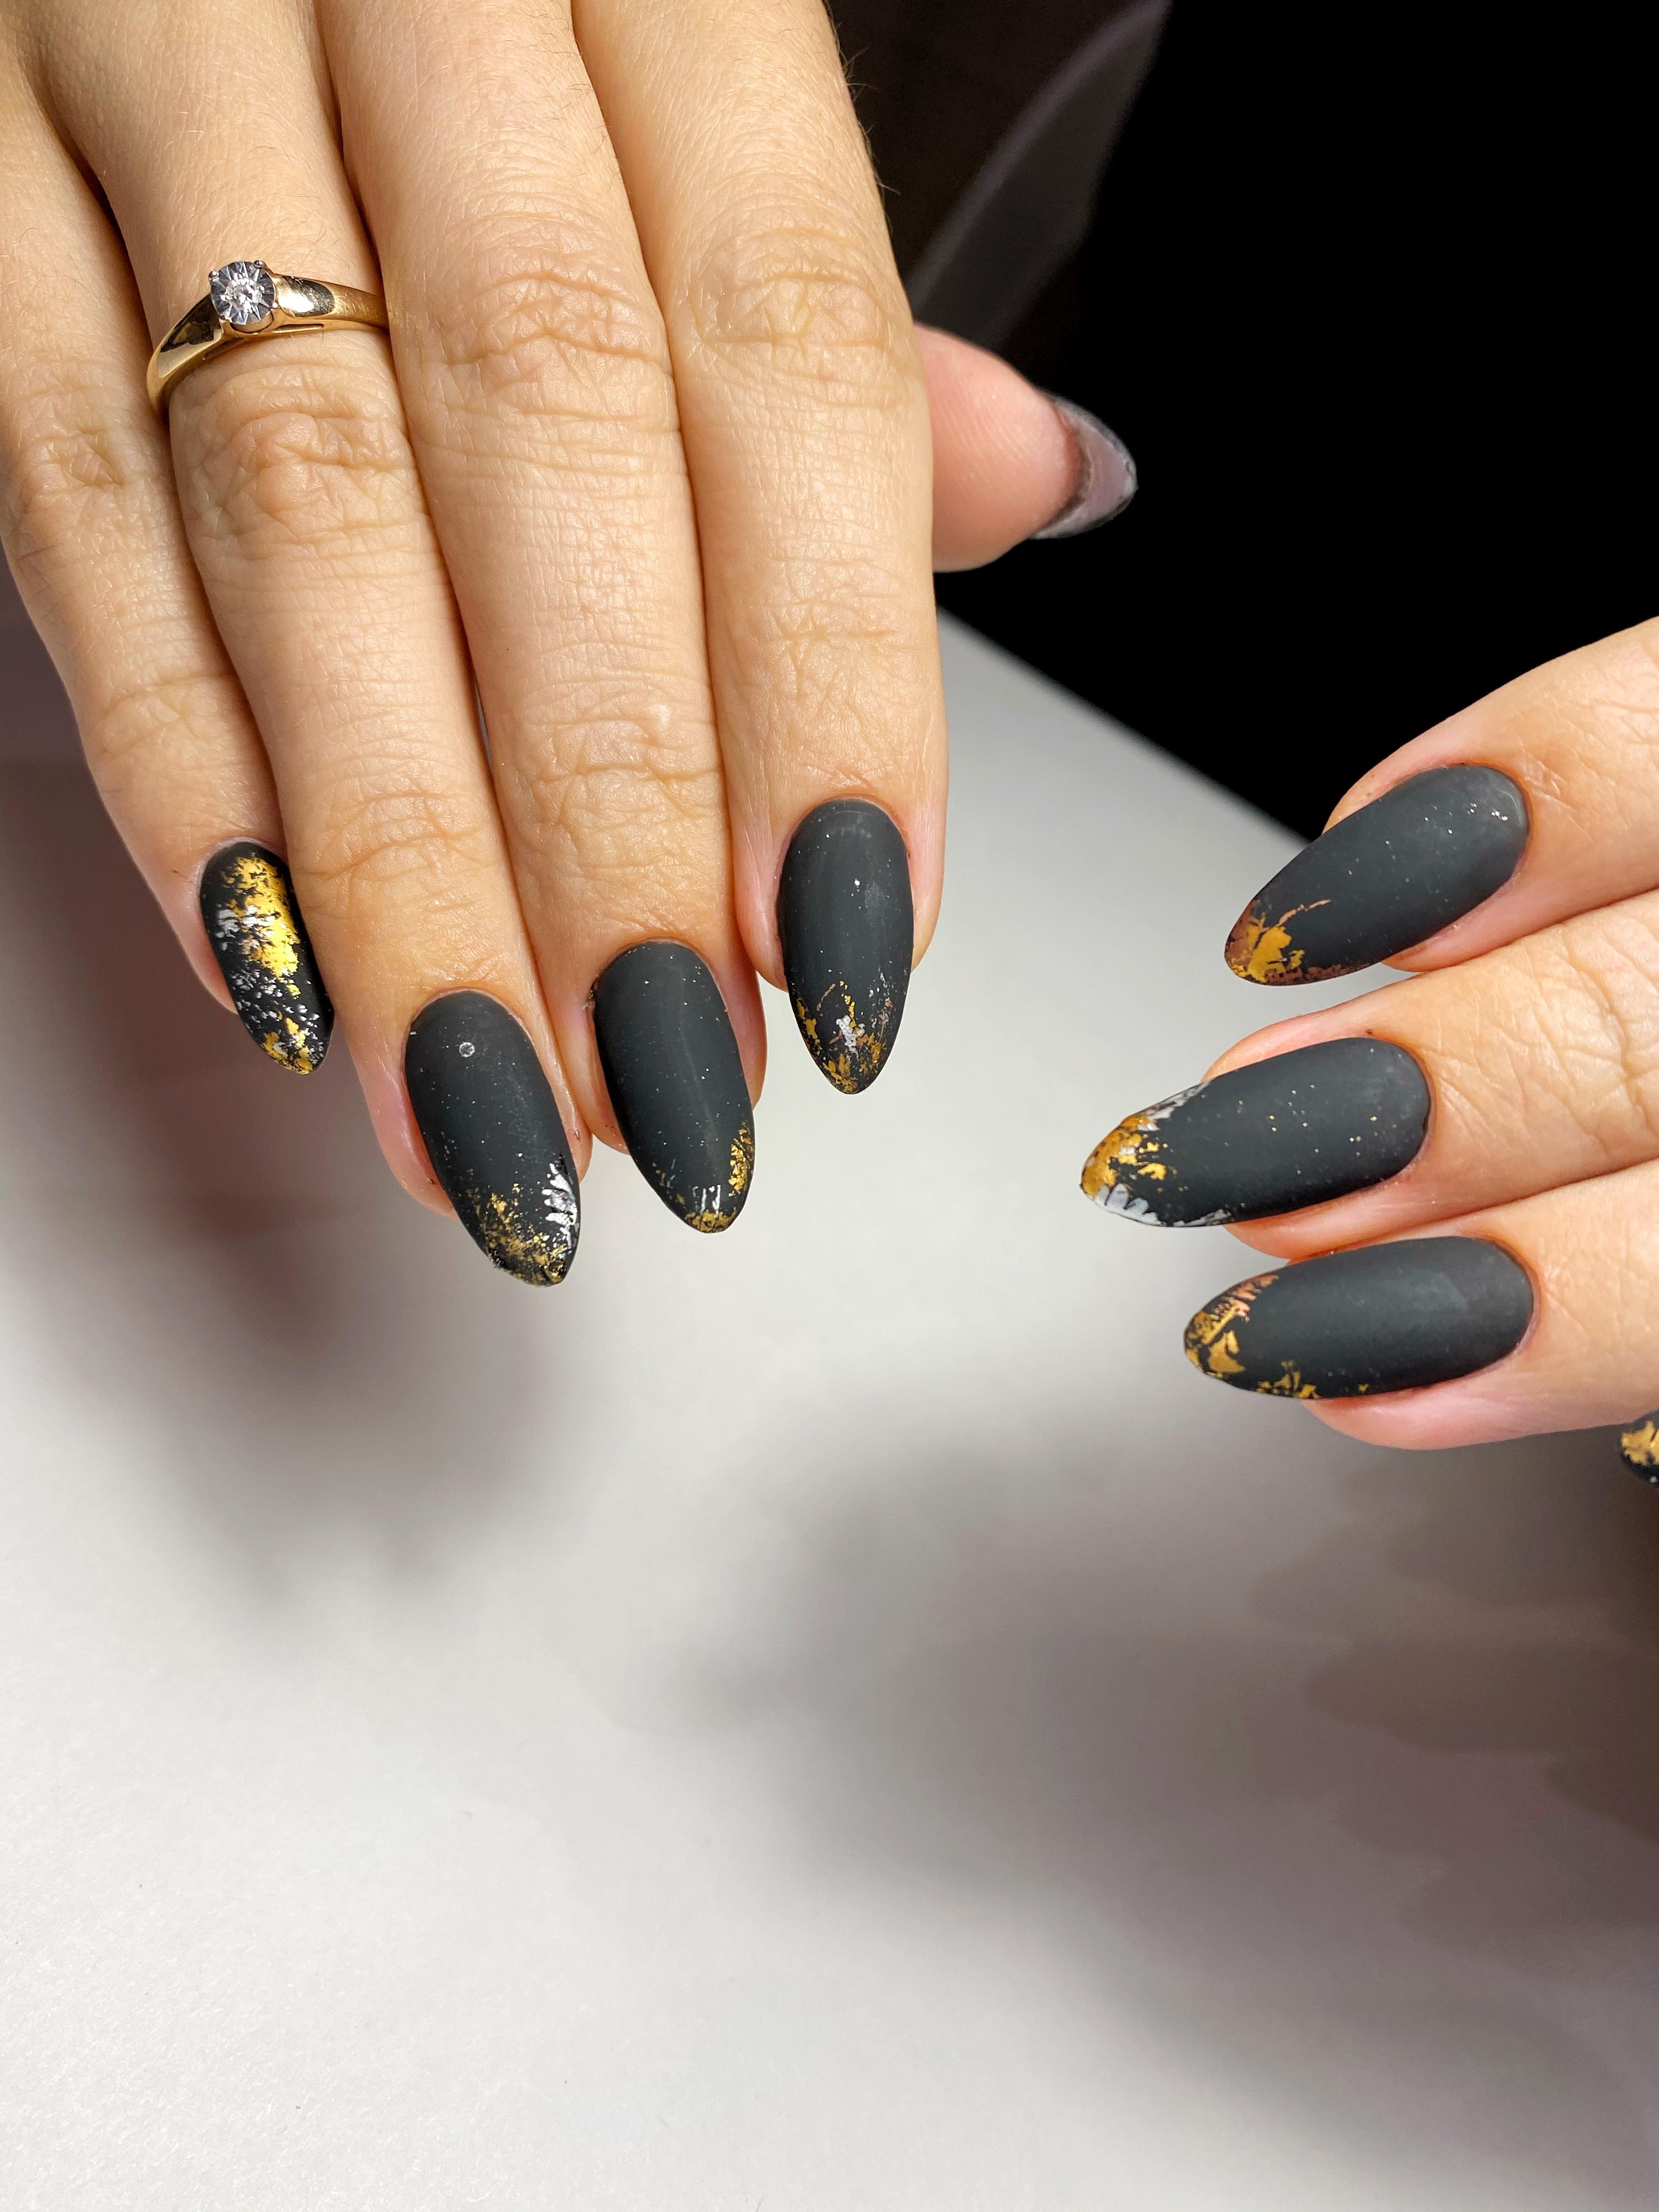 Матовый маникюр с золотой фольгой в черном цвете на длинные ногти.